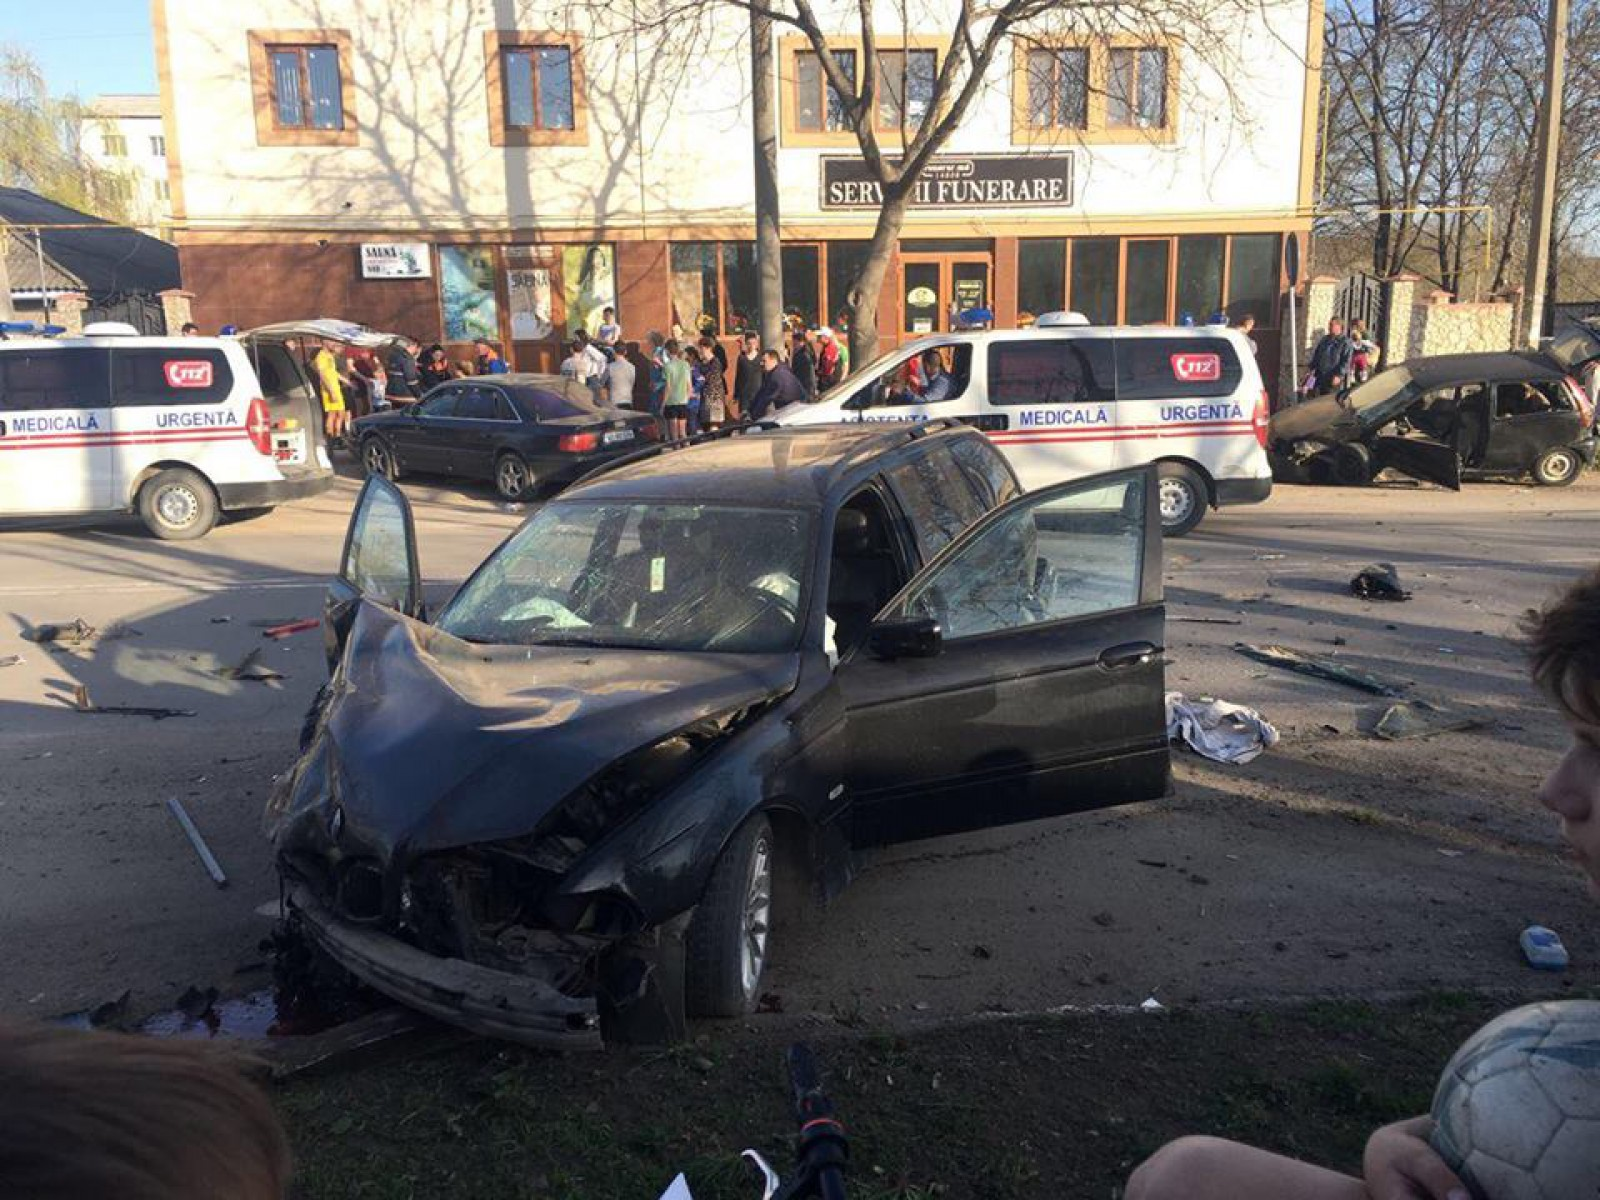 (foto/update) Noi detalii în cazul accidentului de la Ungheni unde două persoane, printre care și un copil de 5 ani, au fost transportate la spital